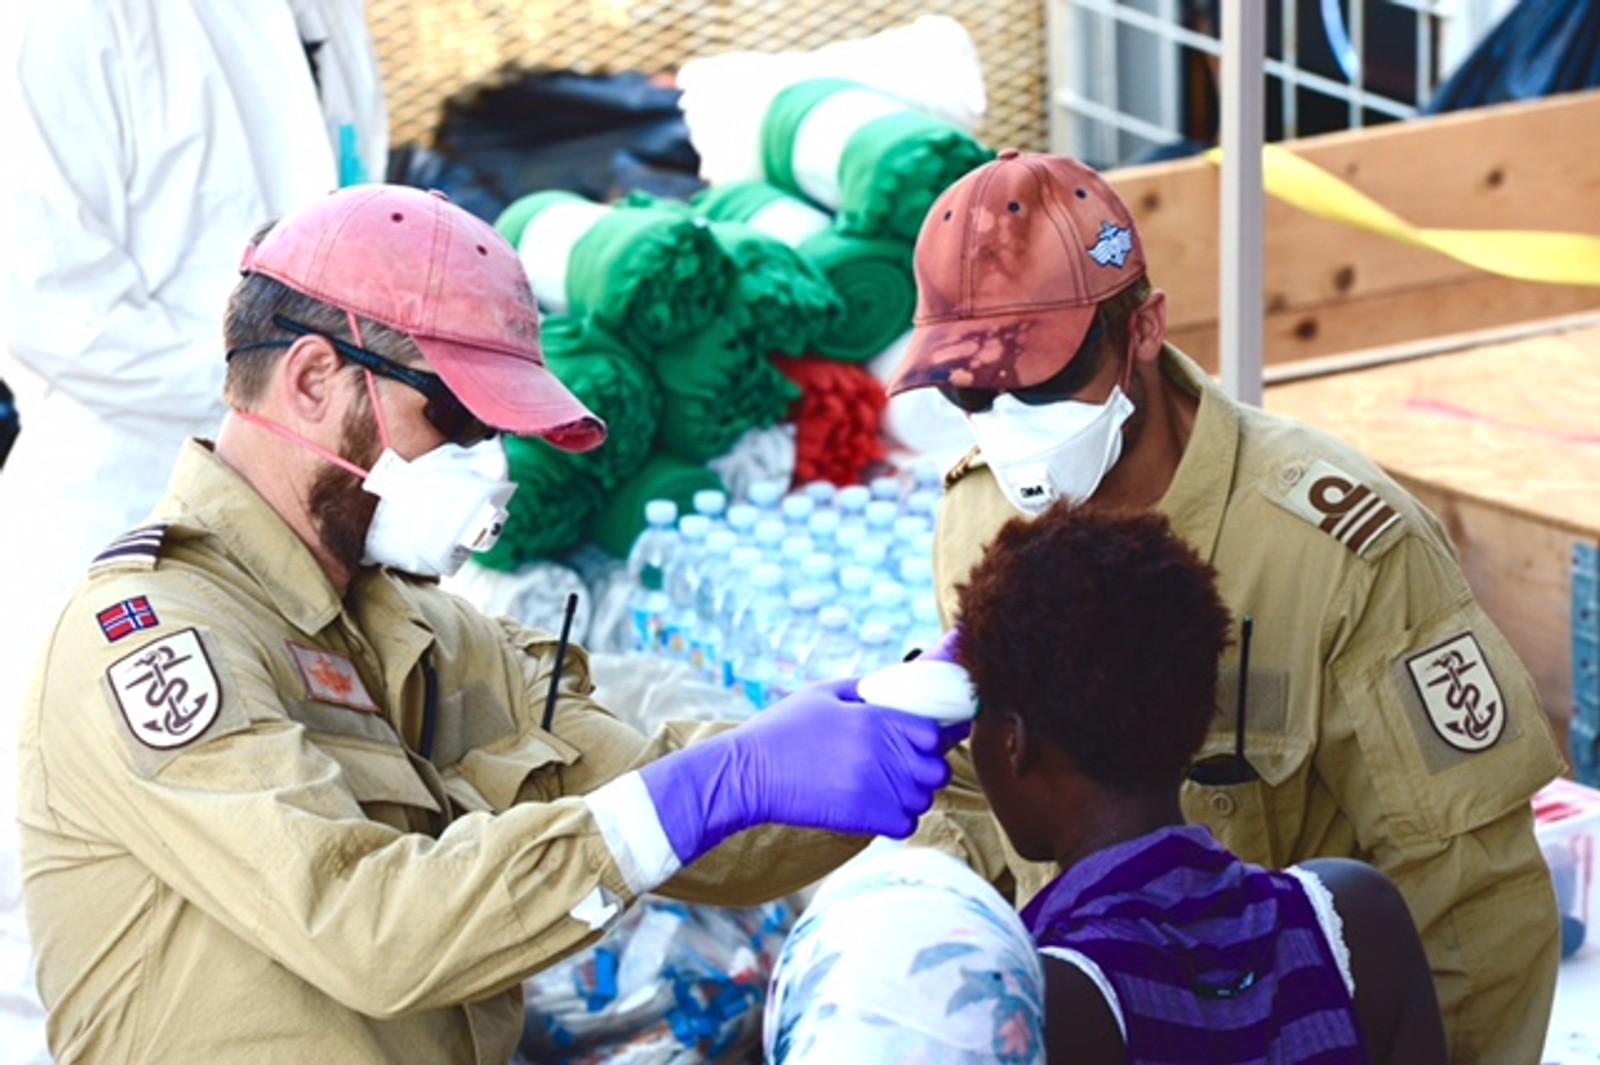 Mannskapet ombord i Siem Pilot sjekket også om flyktnigene hadde feber. Etterlatte av de omkomne trengte ekstra oppfølging.